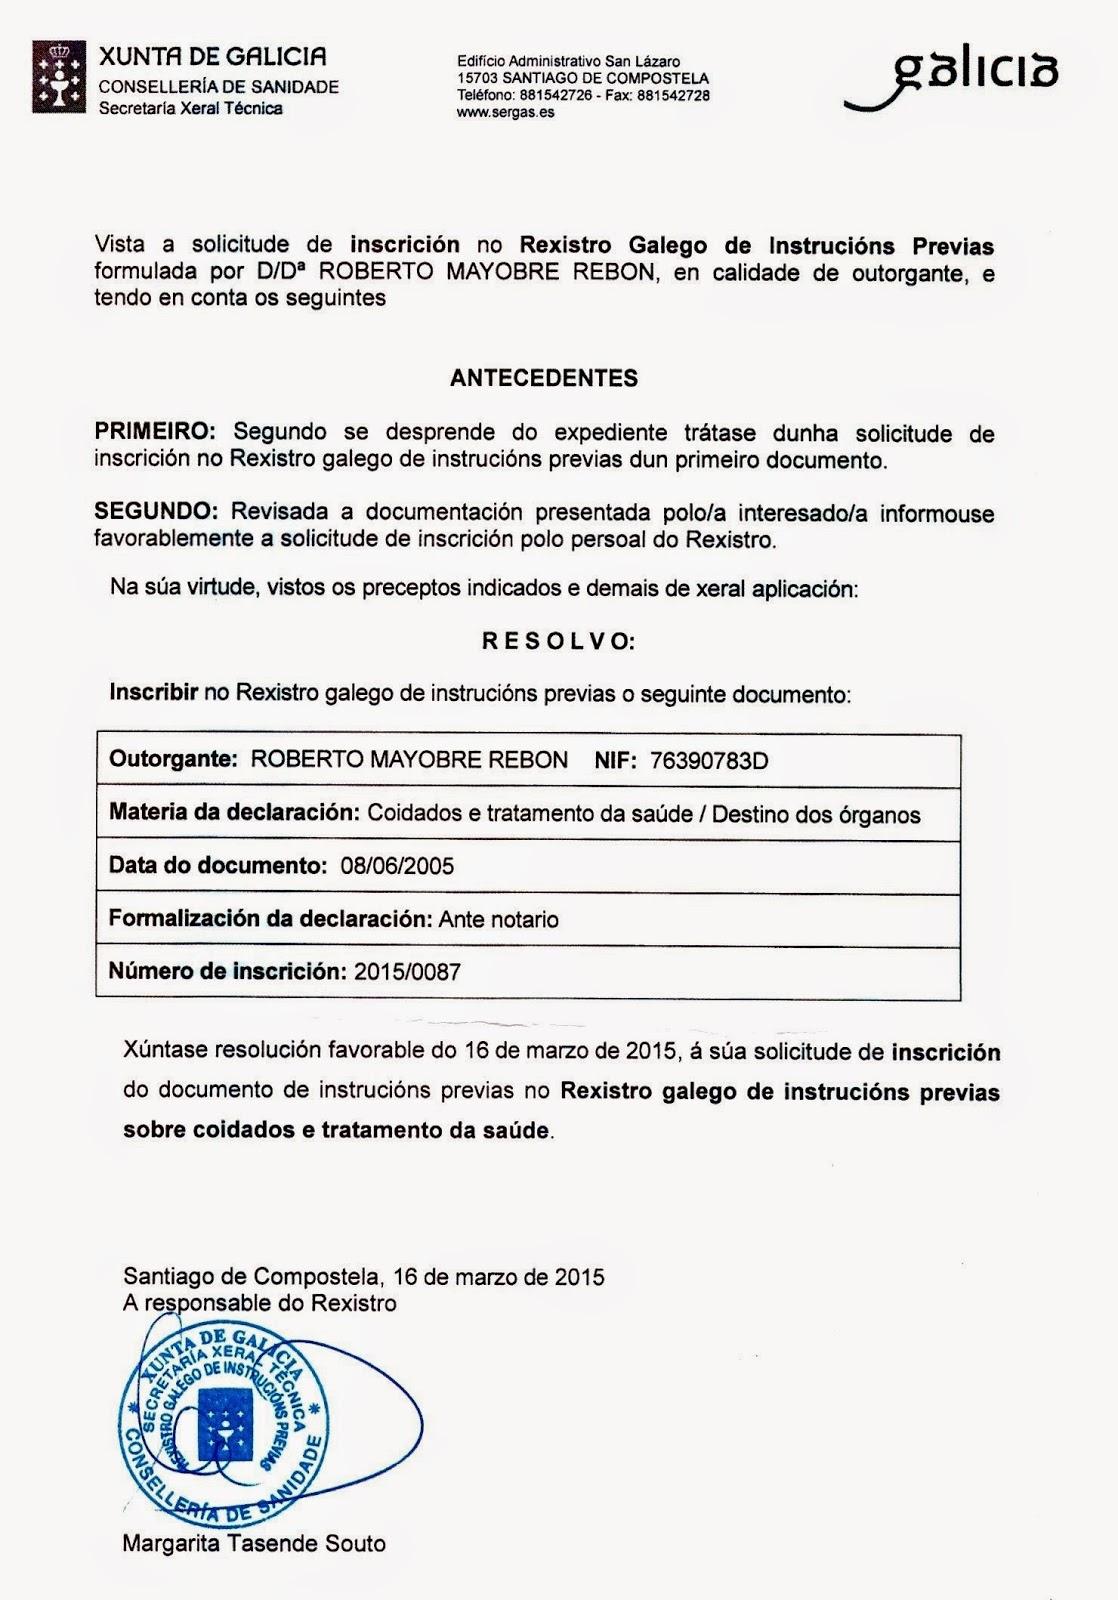 http://romayo.blogspot.com.es/2015/04/ante-el-ultimo-viaje-preparados-listos.html